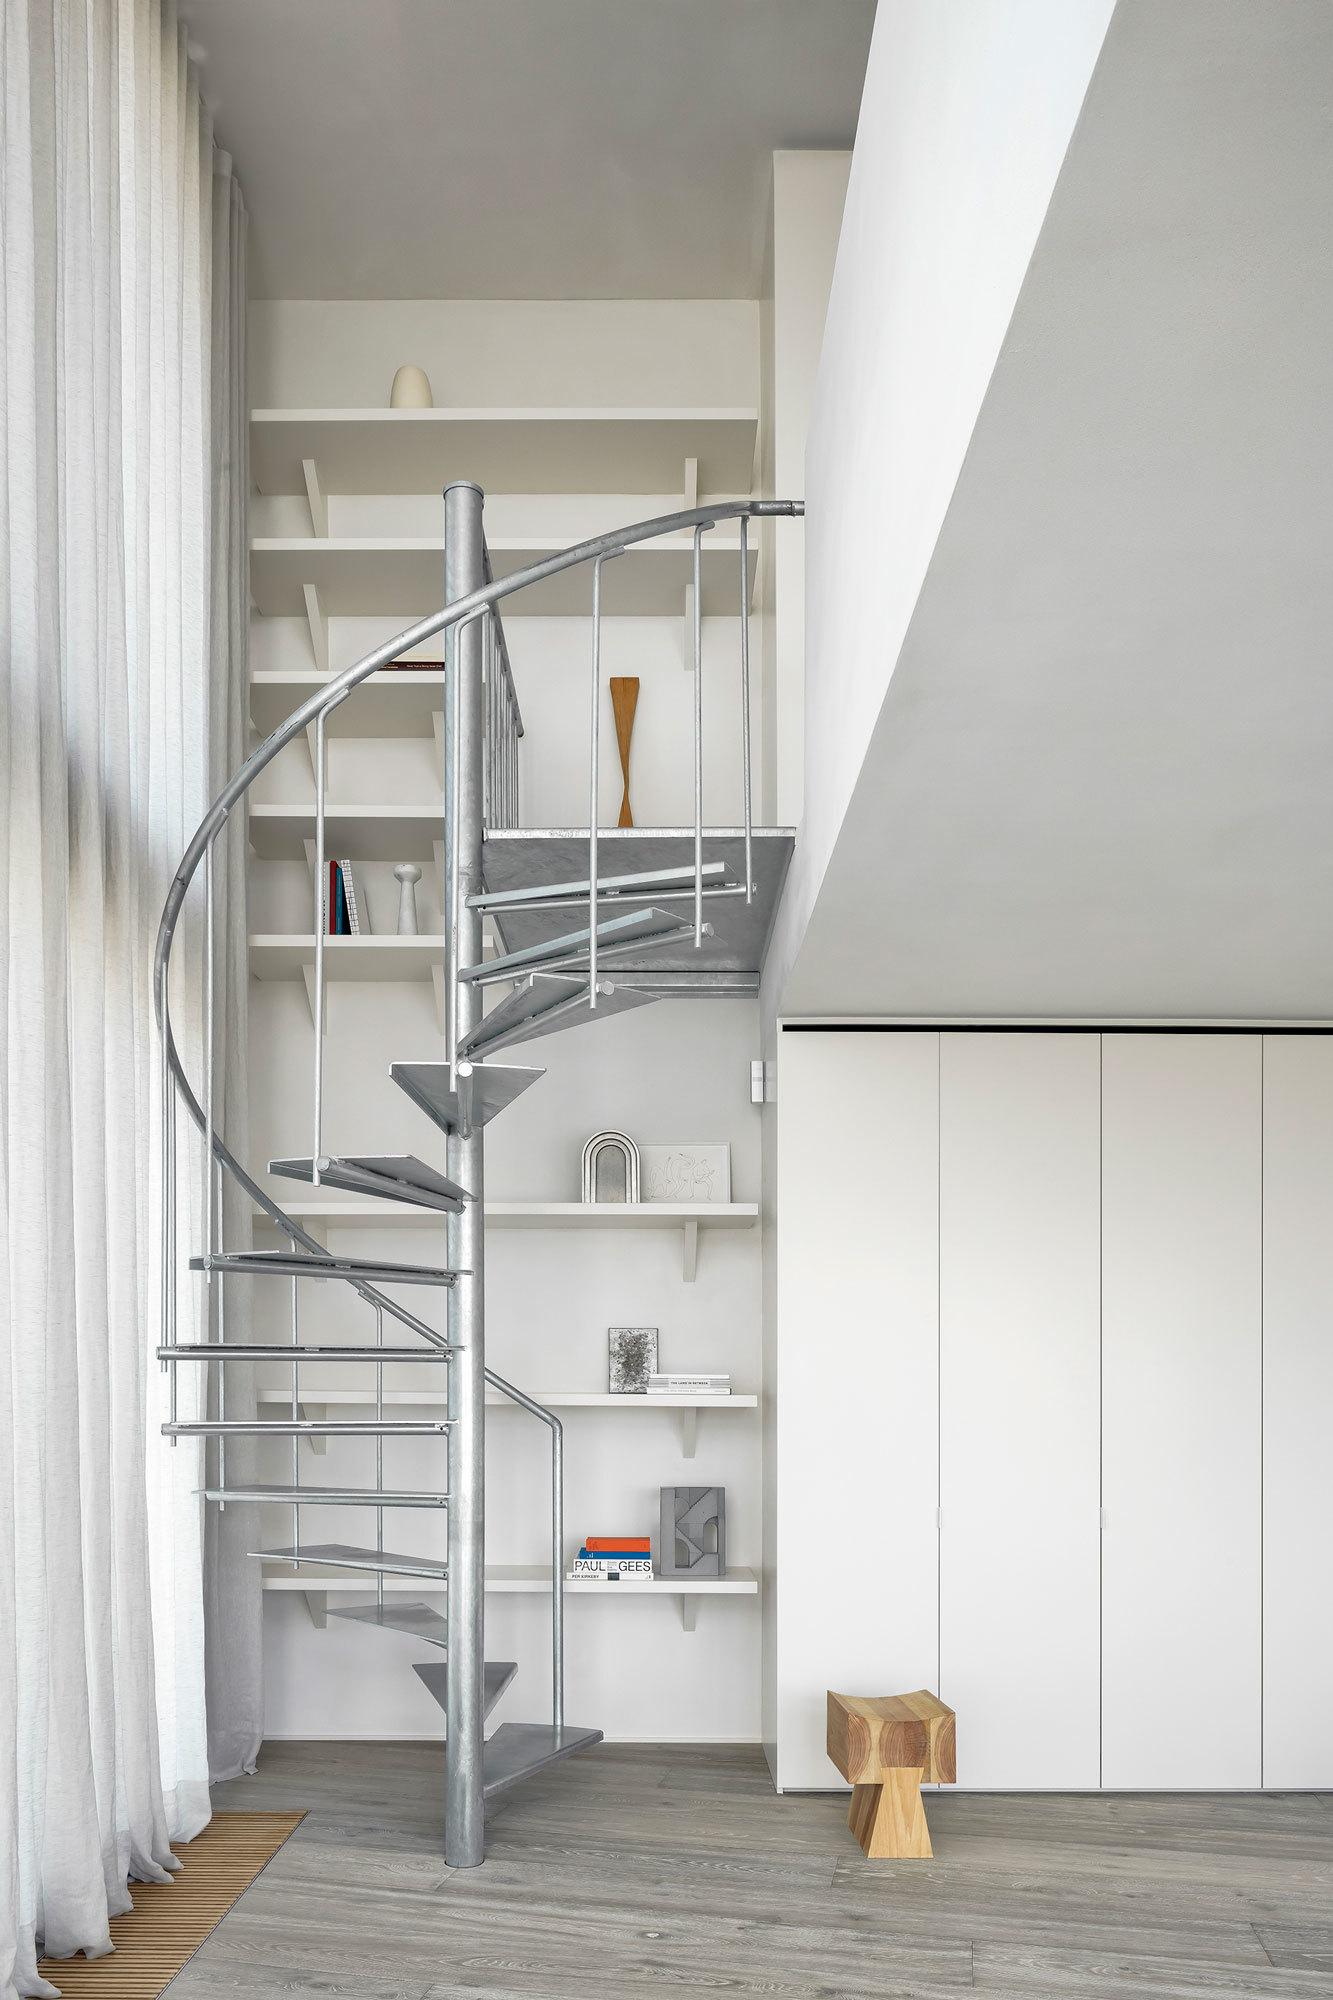 Treppe des Apartments in Belgien von Carmine Van Der Linden und Thomas Geldof